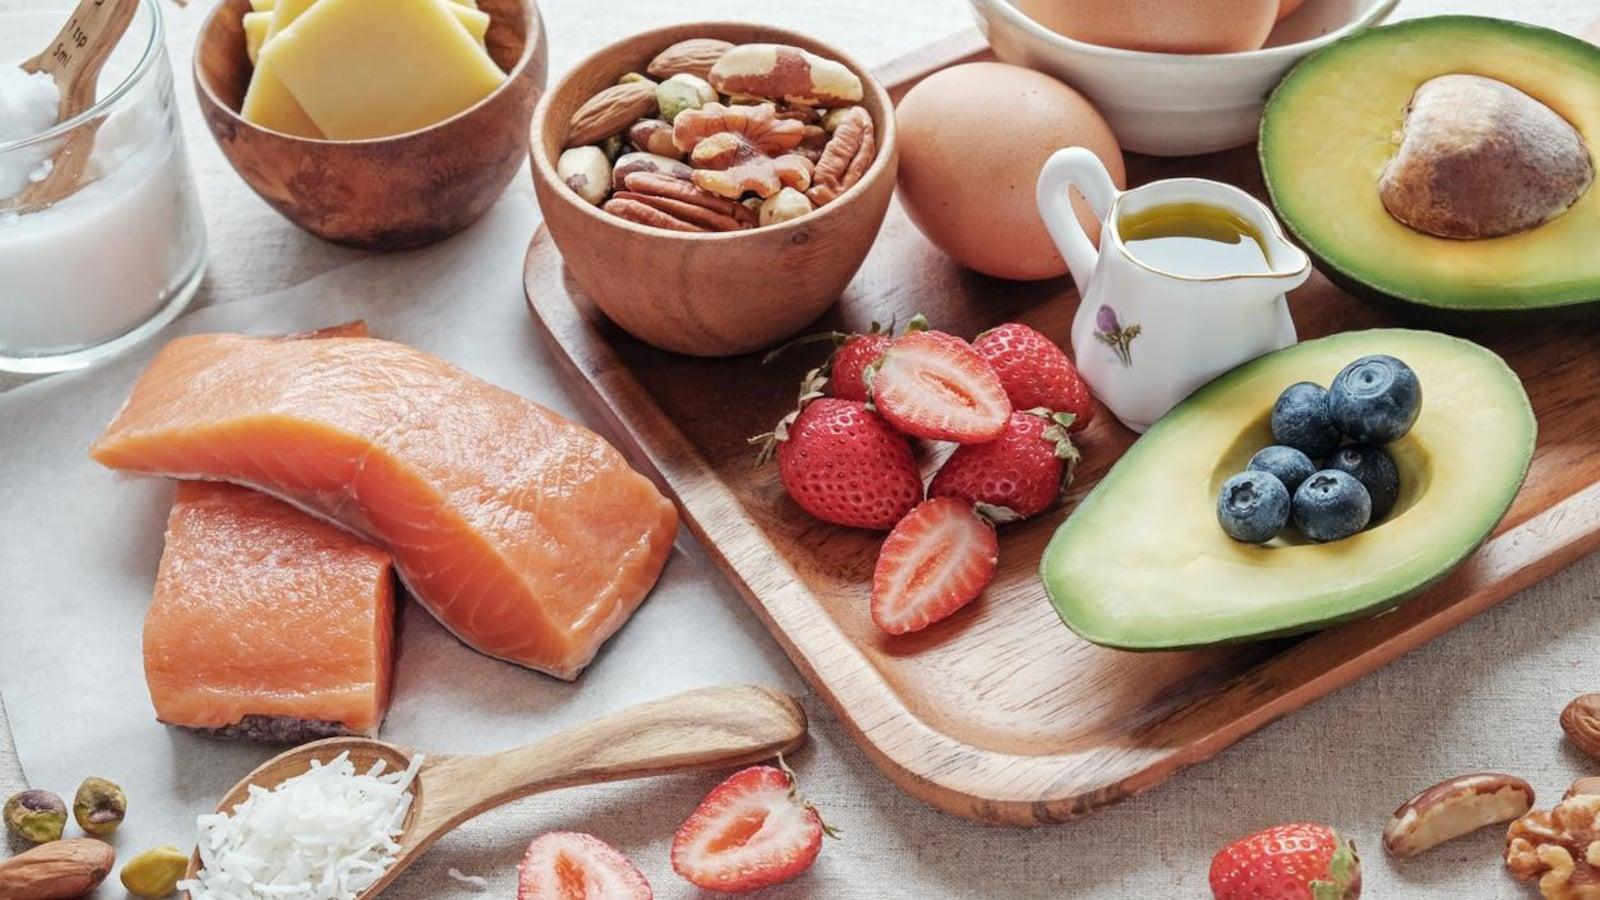 De l'avocat, des noix, des oeufs, du saumon et du fromage sont présentés sur un plateau en bois.